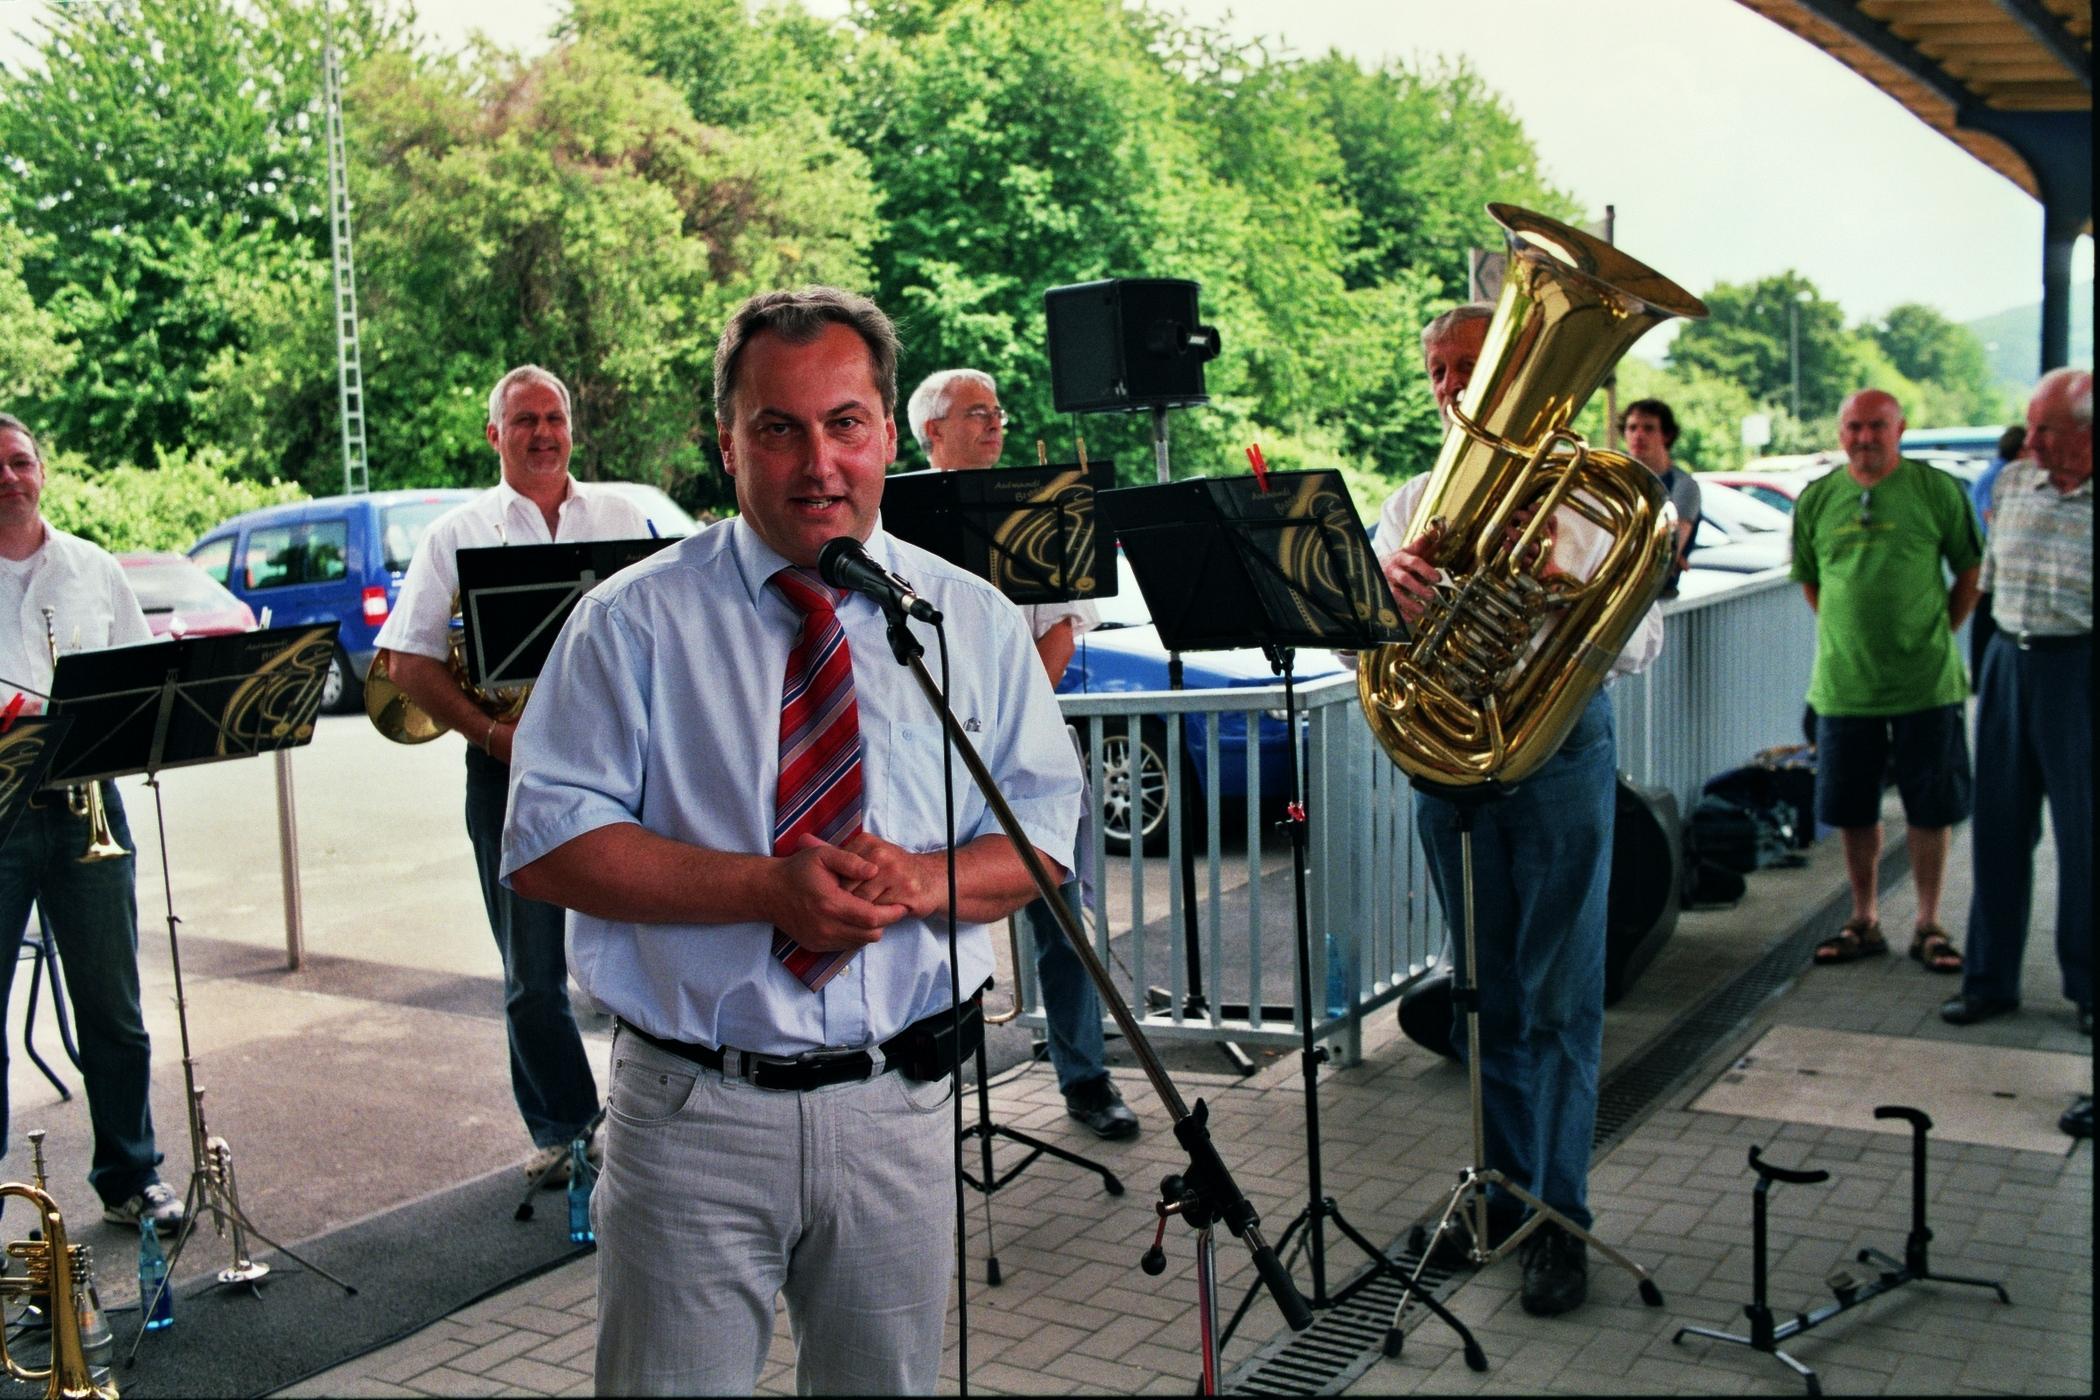 Stimmungsvoller Empfang und Ansprache von Bürgermeister Joachim Ruppert in Groß-Umstadt